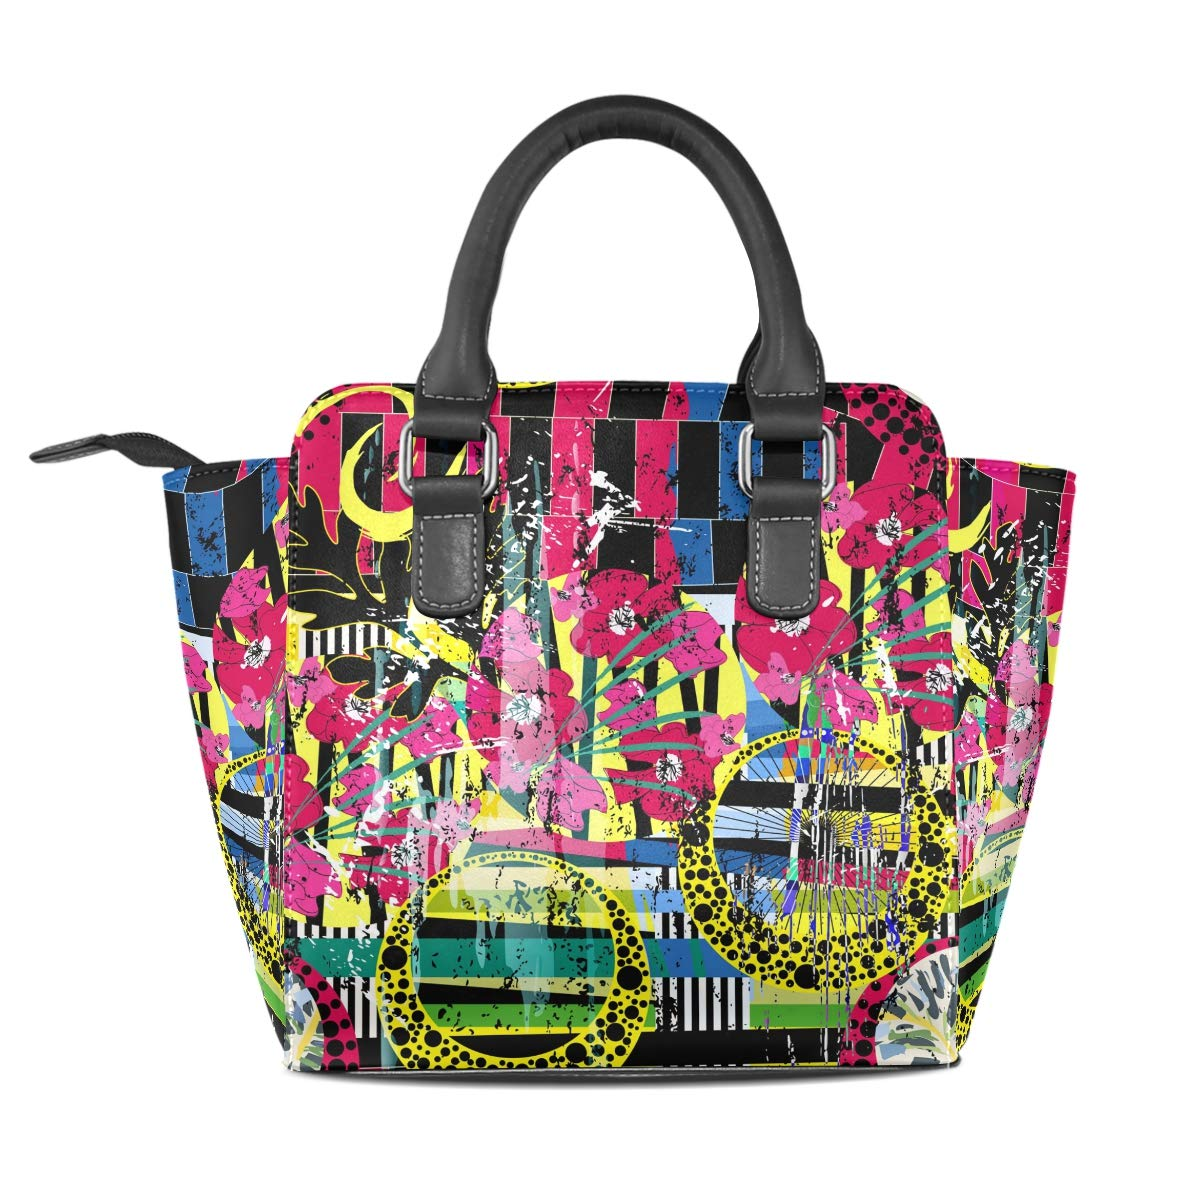 FANTAZIO FANTAZIO FANTAZIO , Damen Tote-Tasche multi Einheitsgröße B07Q2YPCBP Shopper Großer Räumungsverkauf e14b80